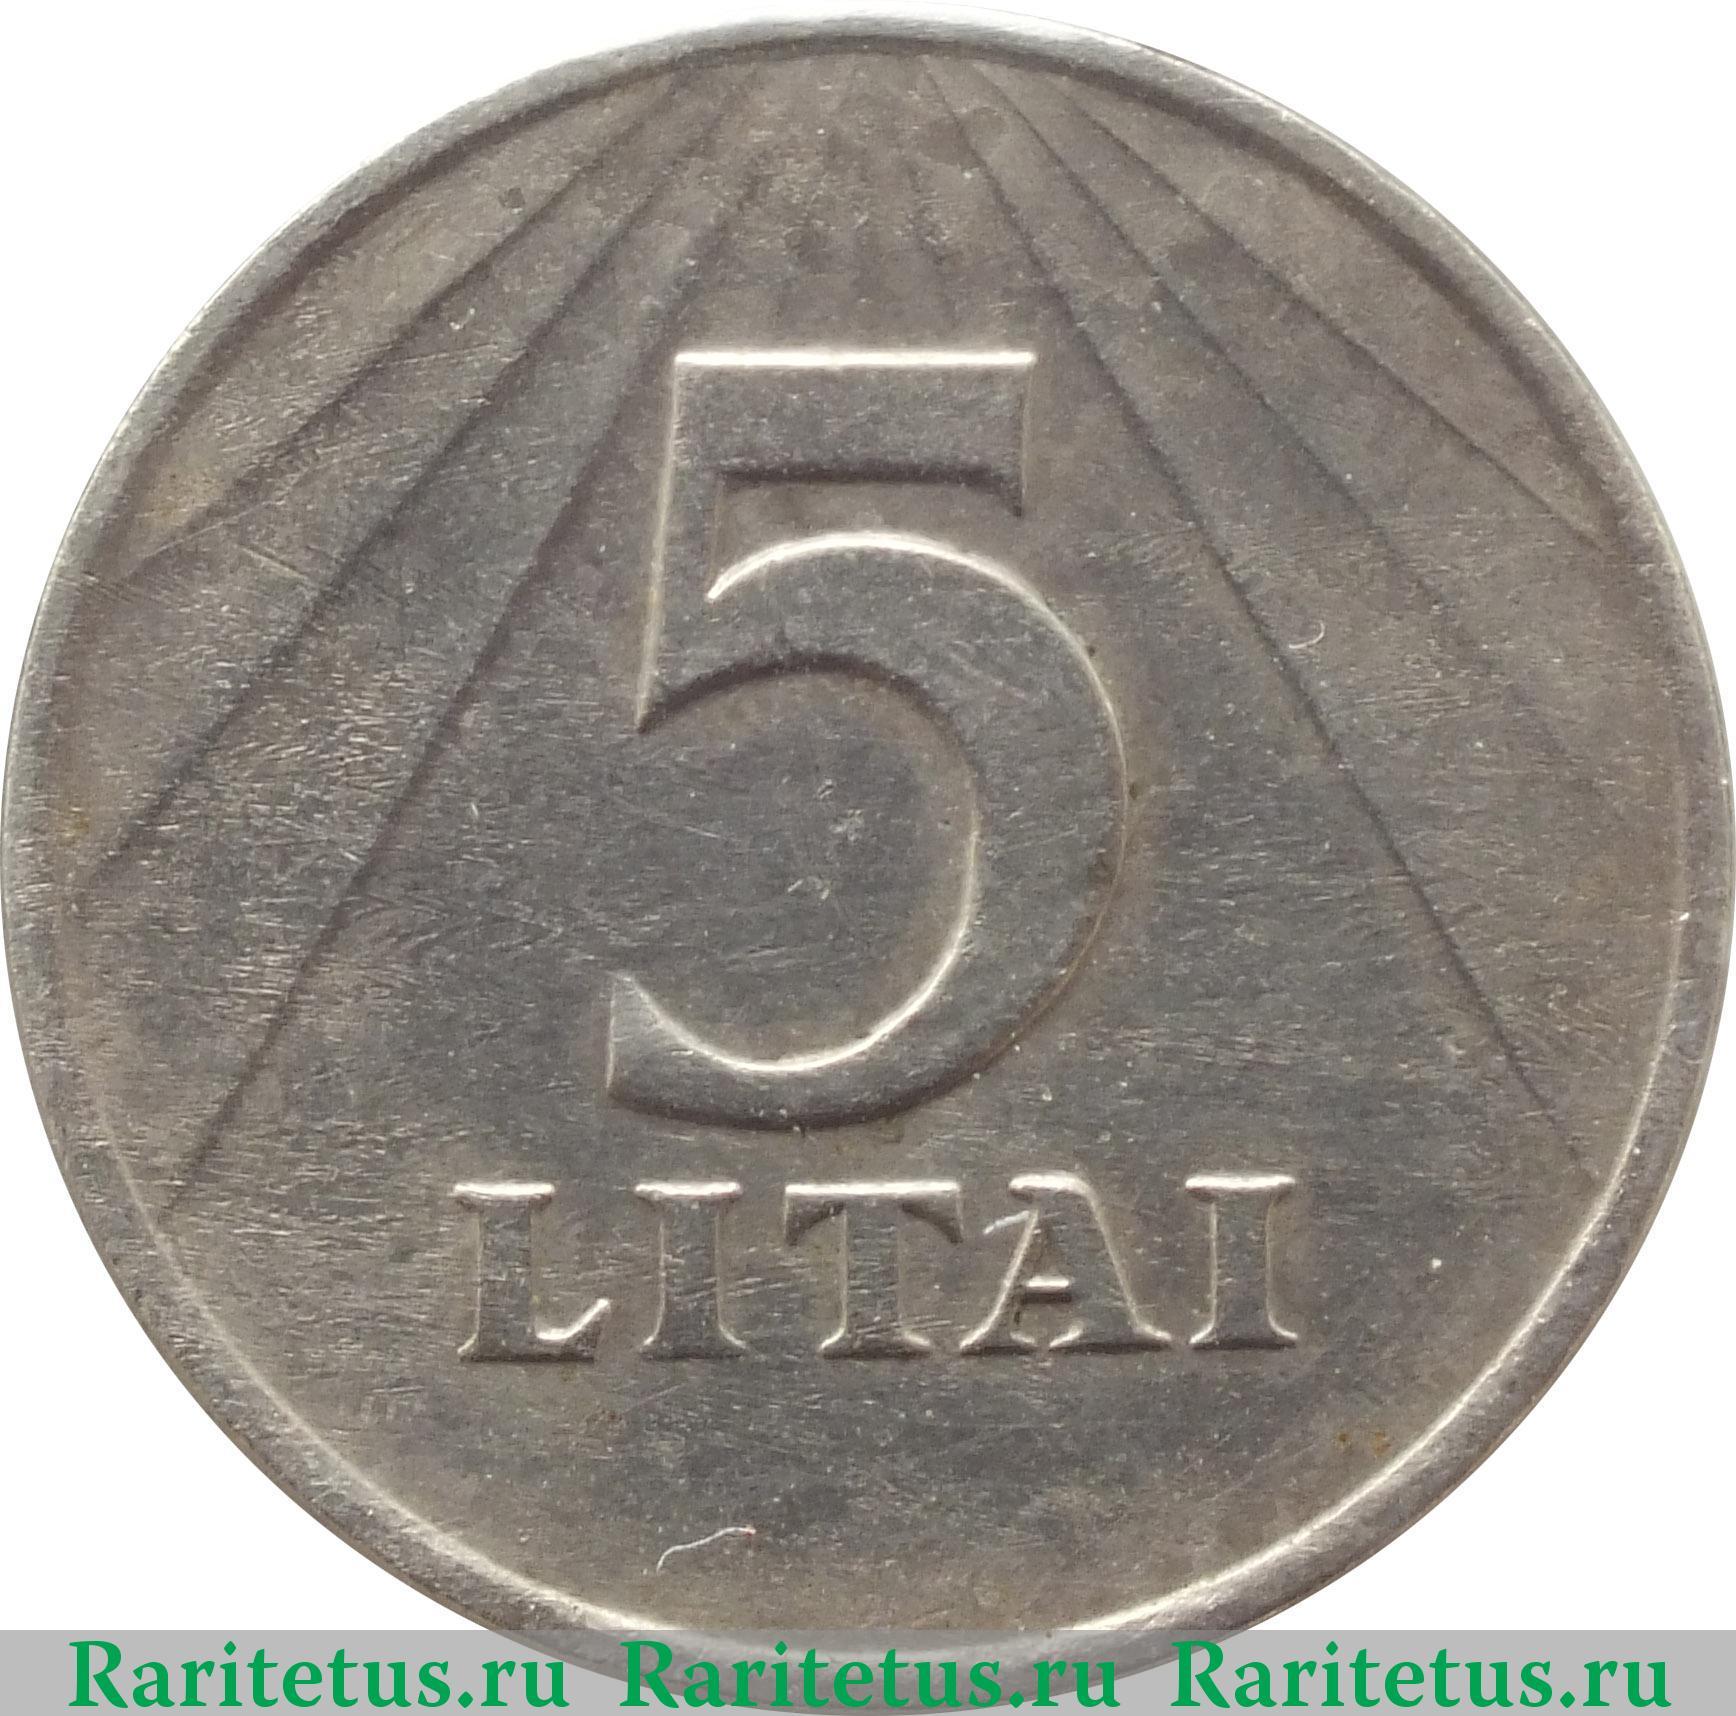 5 литов 1991 знаки цк влксм в тяж металле купить